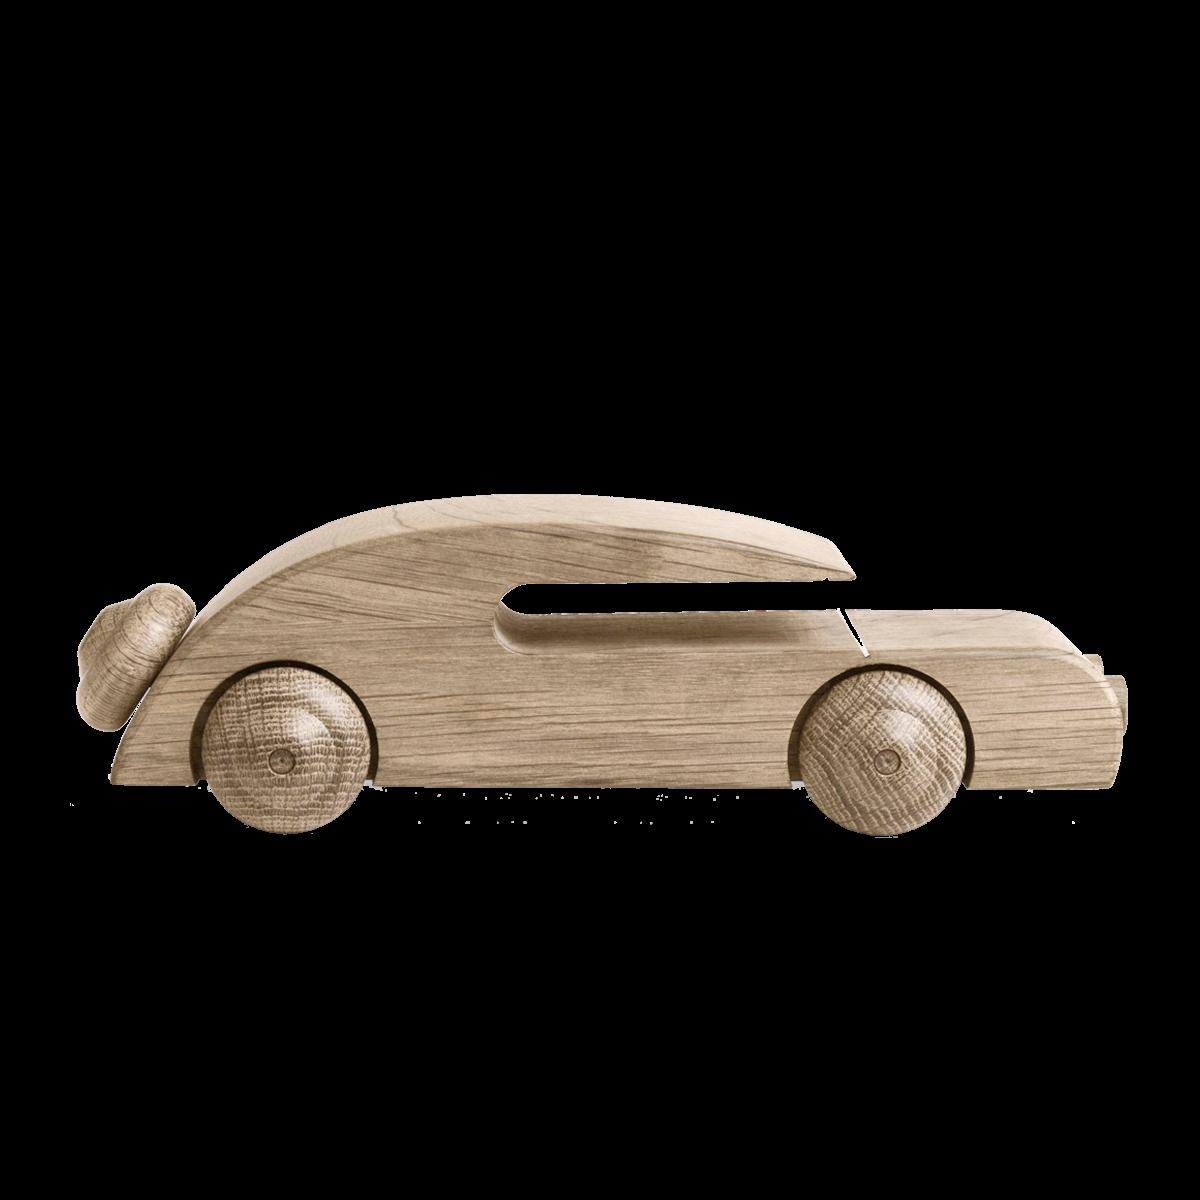 KAY BOJESEN Automobil ubehandlet eg 27 cm.